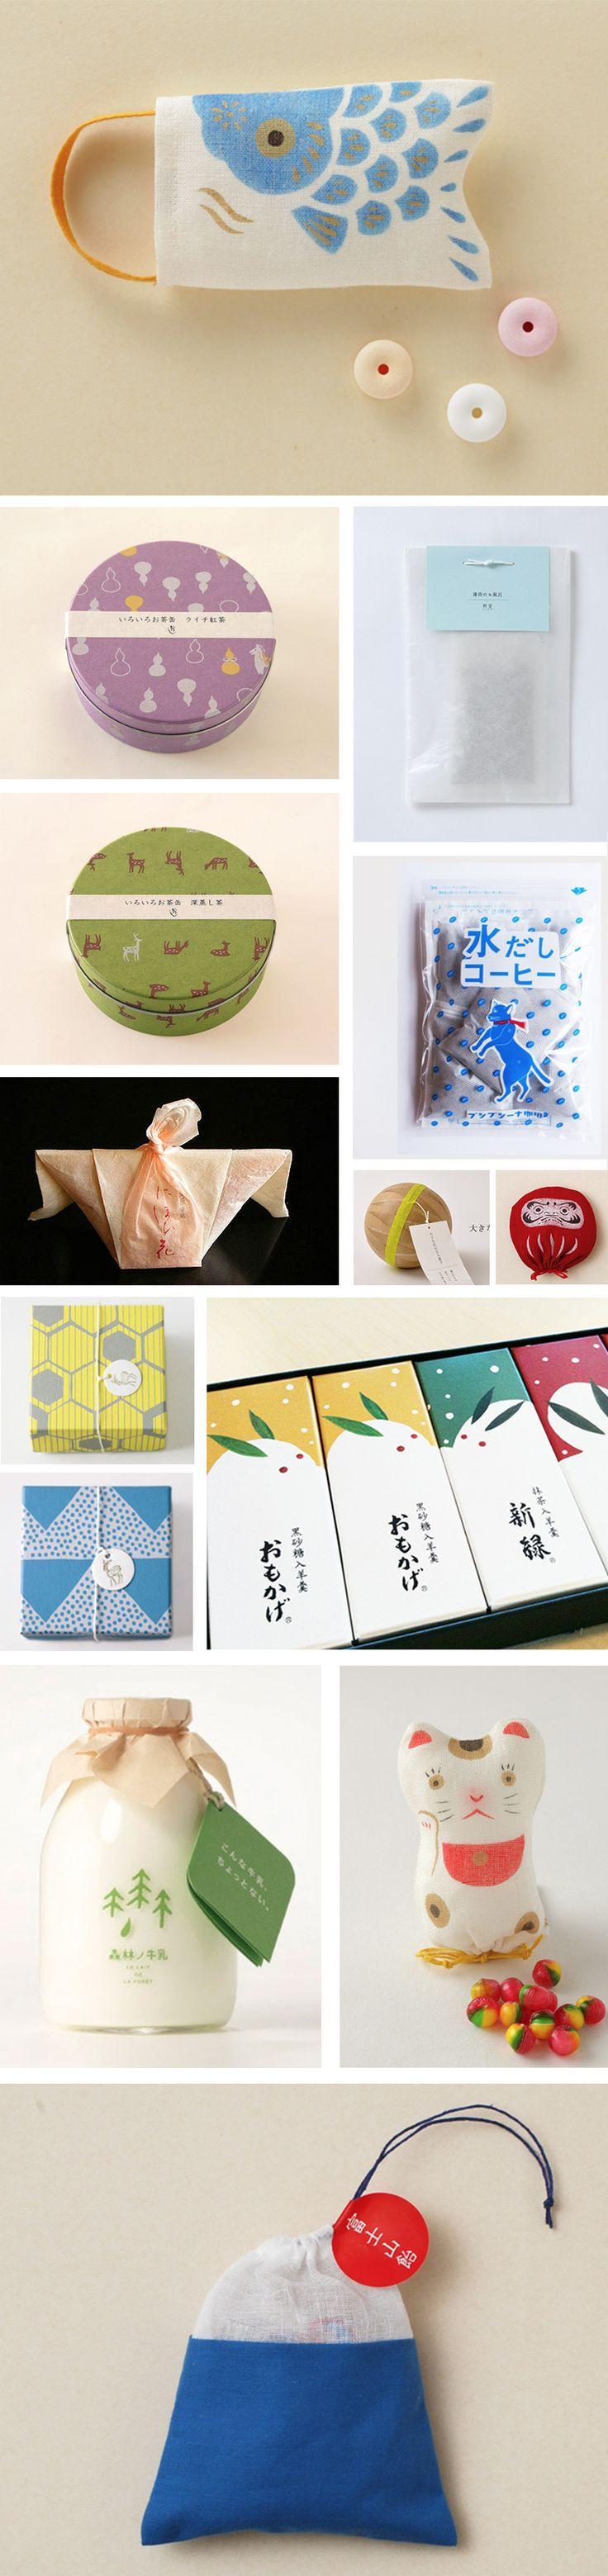 Cute Japanese Packaging Förpackad -Blogg om Förpackningsdesign, Förpackningar, Grafisk Design CAP&Design